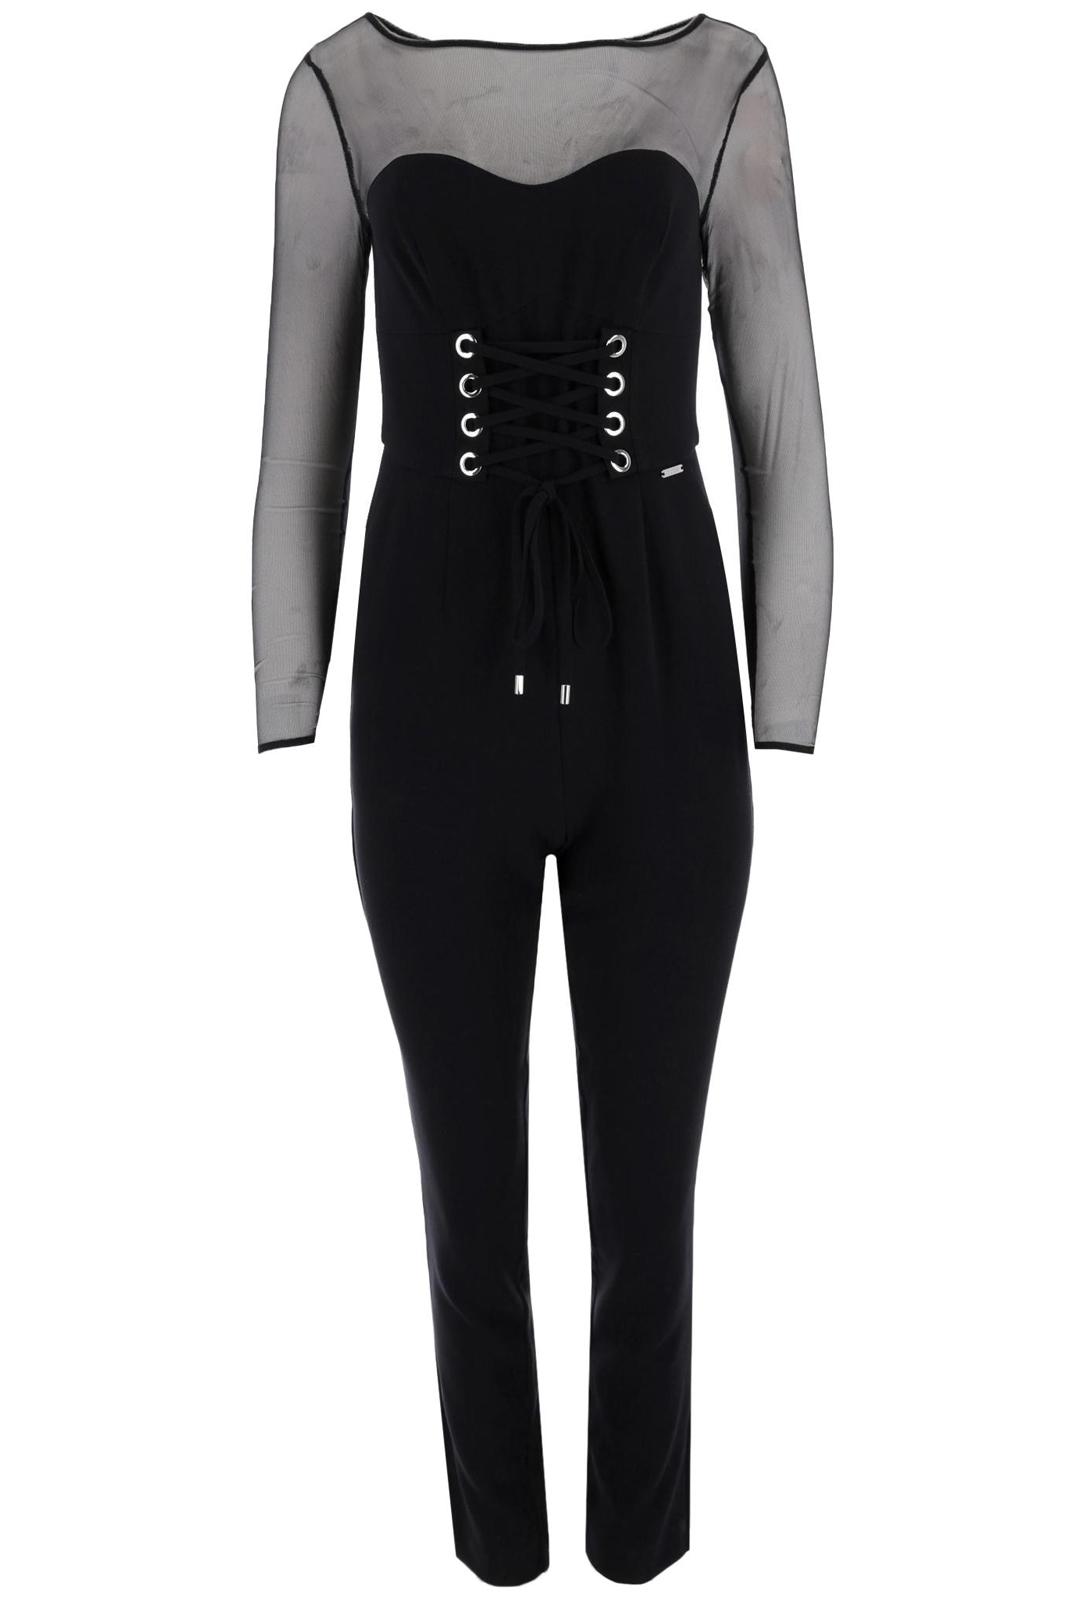 Combinaisons & Salopettes  Guess jeans W84D40 WAOH0 Jet Black A996